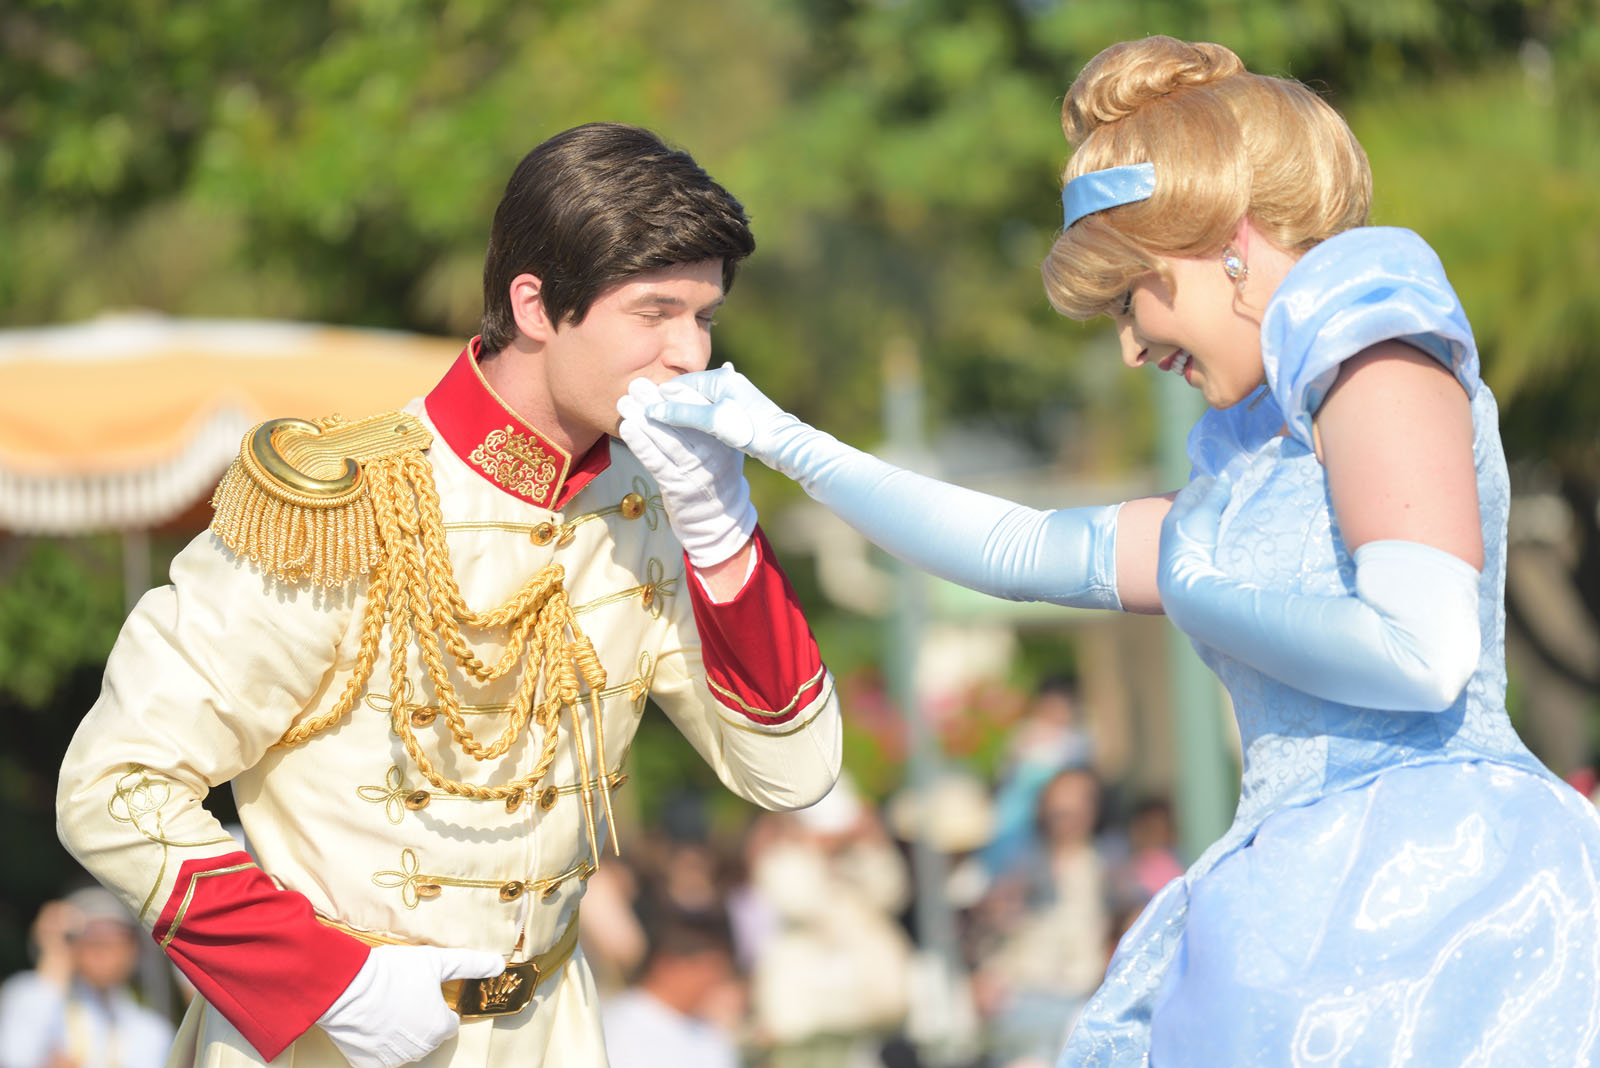 東京ディズニーランド 七夕グリーティング2019 シンデレラ チャーミング王子